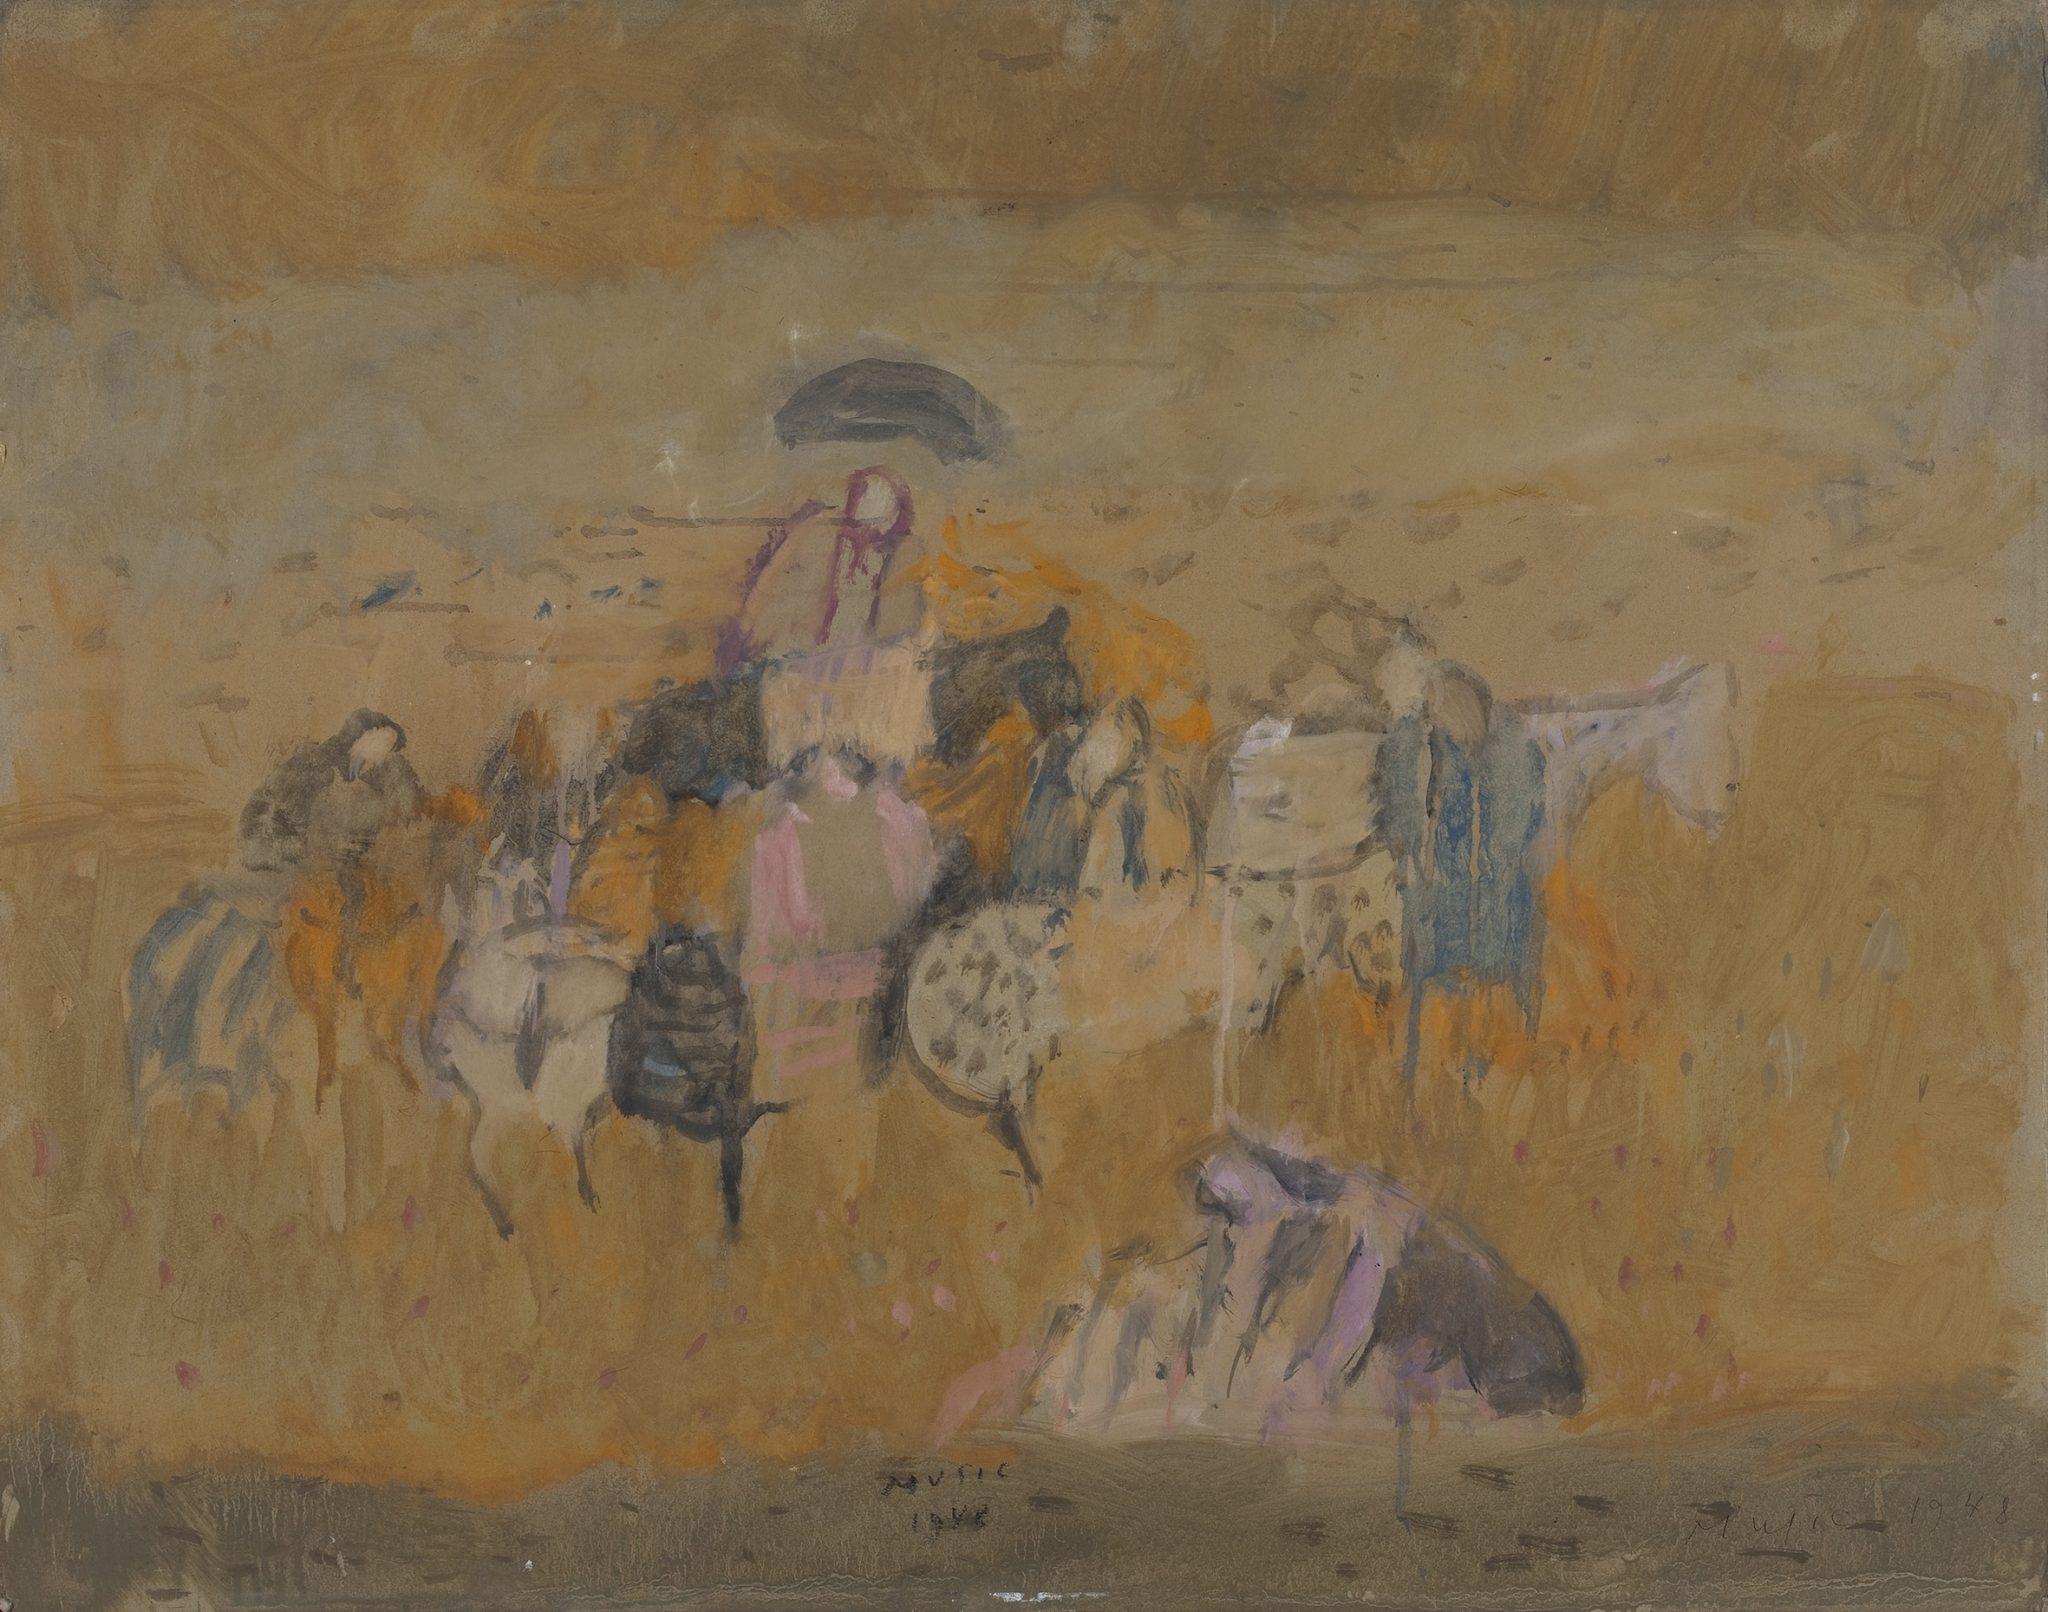 Zoran Music, Motivo dalmata, 1948, olio su cartone, cm. 51,5 x 65,5 cm - Courtesy Galleria d'Arte Maggiore g.a.m., Bologna/Milano - foto Matteo Monti